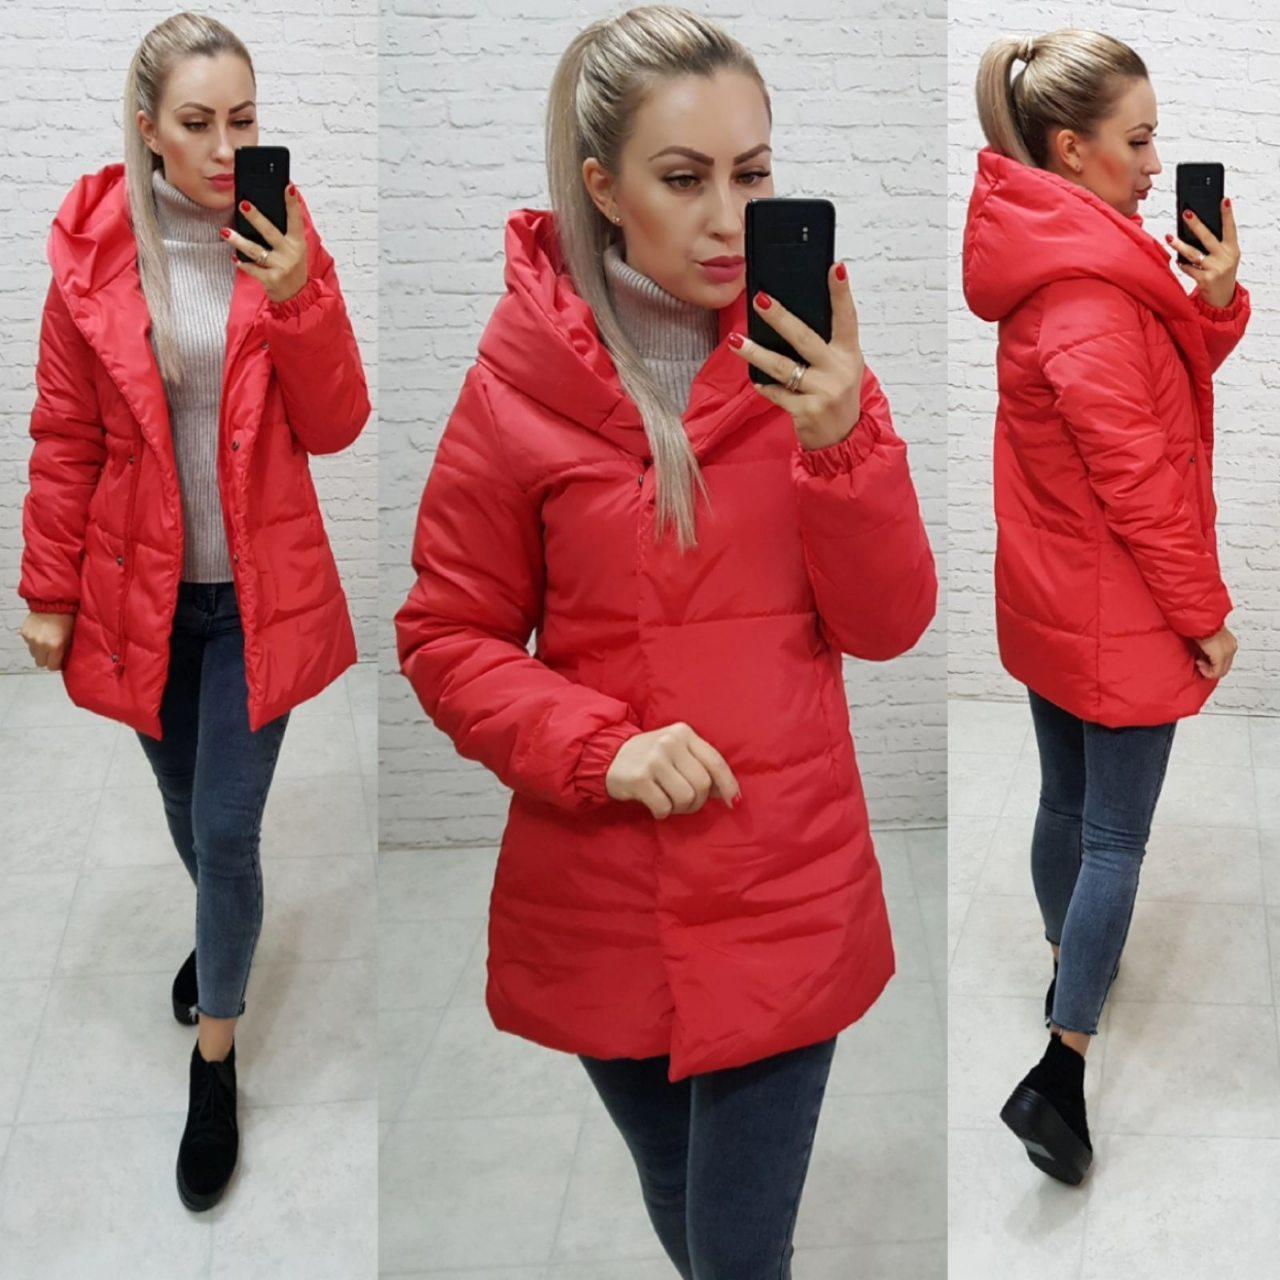 Куртка одеяло Oversize укороченная, артикул 1005, красного цвета, цвет красный